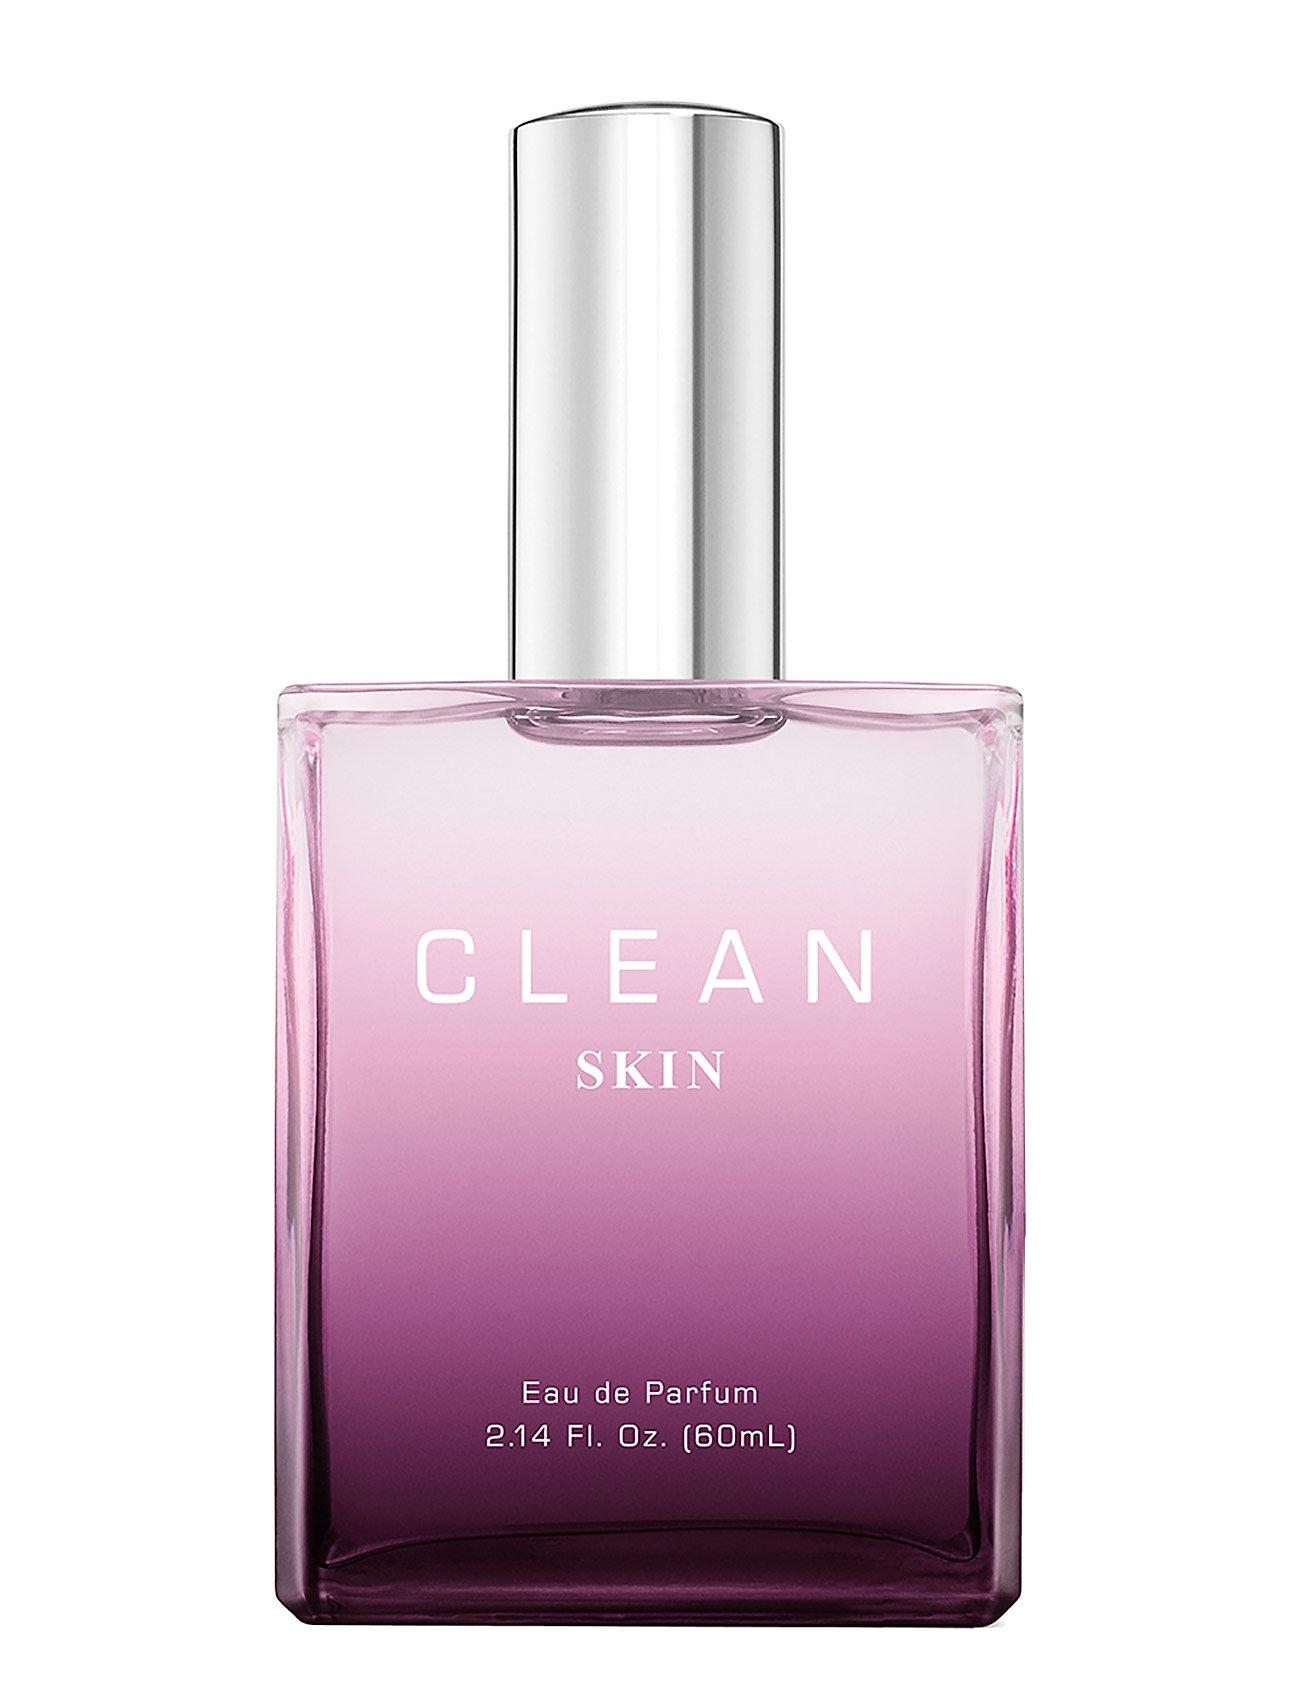 Skin 60 ml. fra clean på boozt.com dk